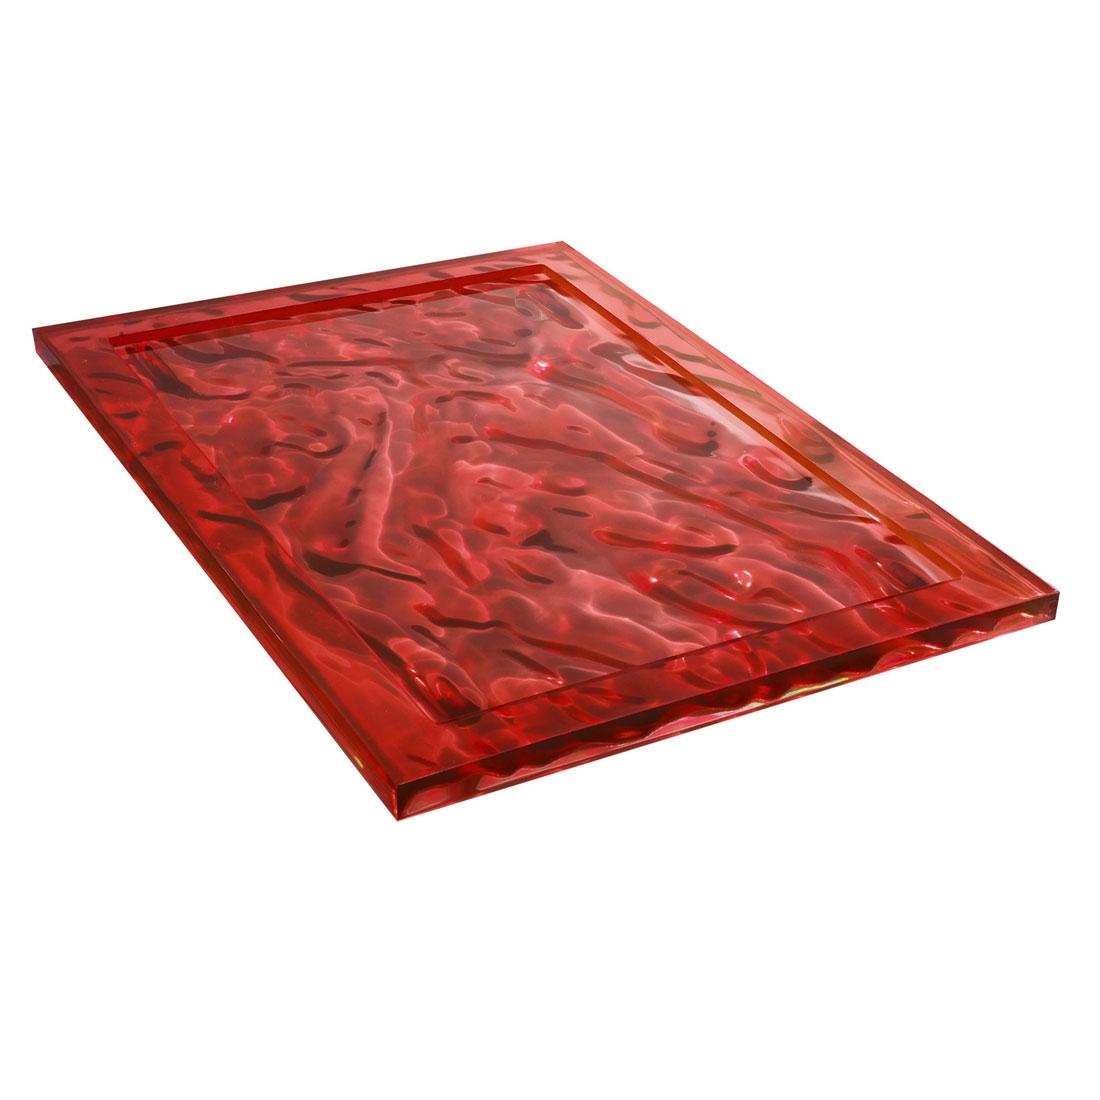 kartell dune tray  designed by mario bellini -  kartell dune tray